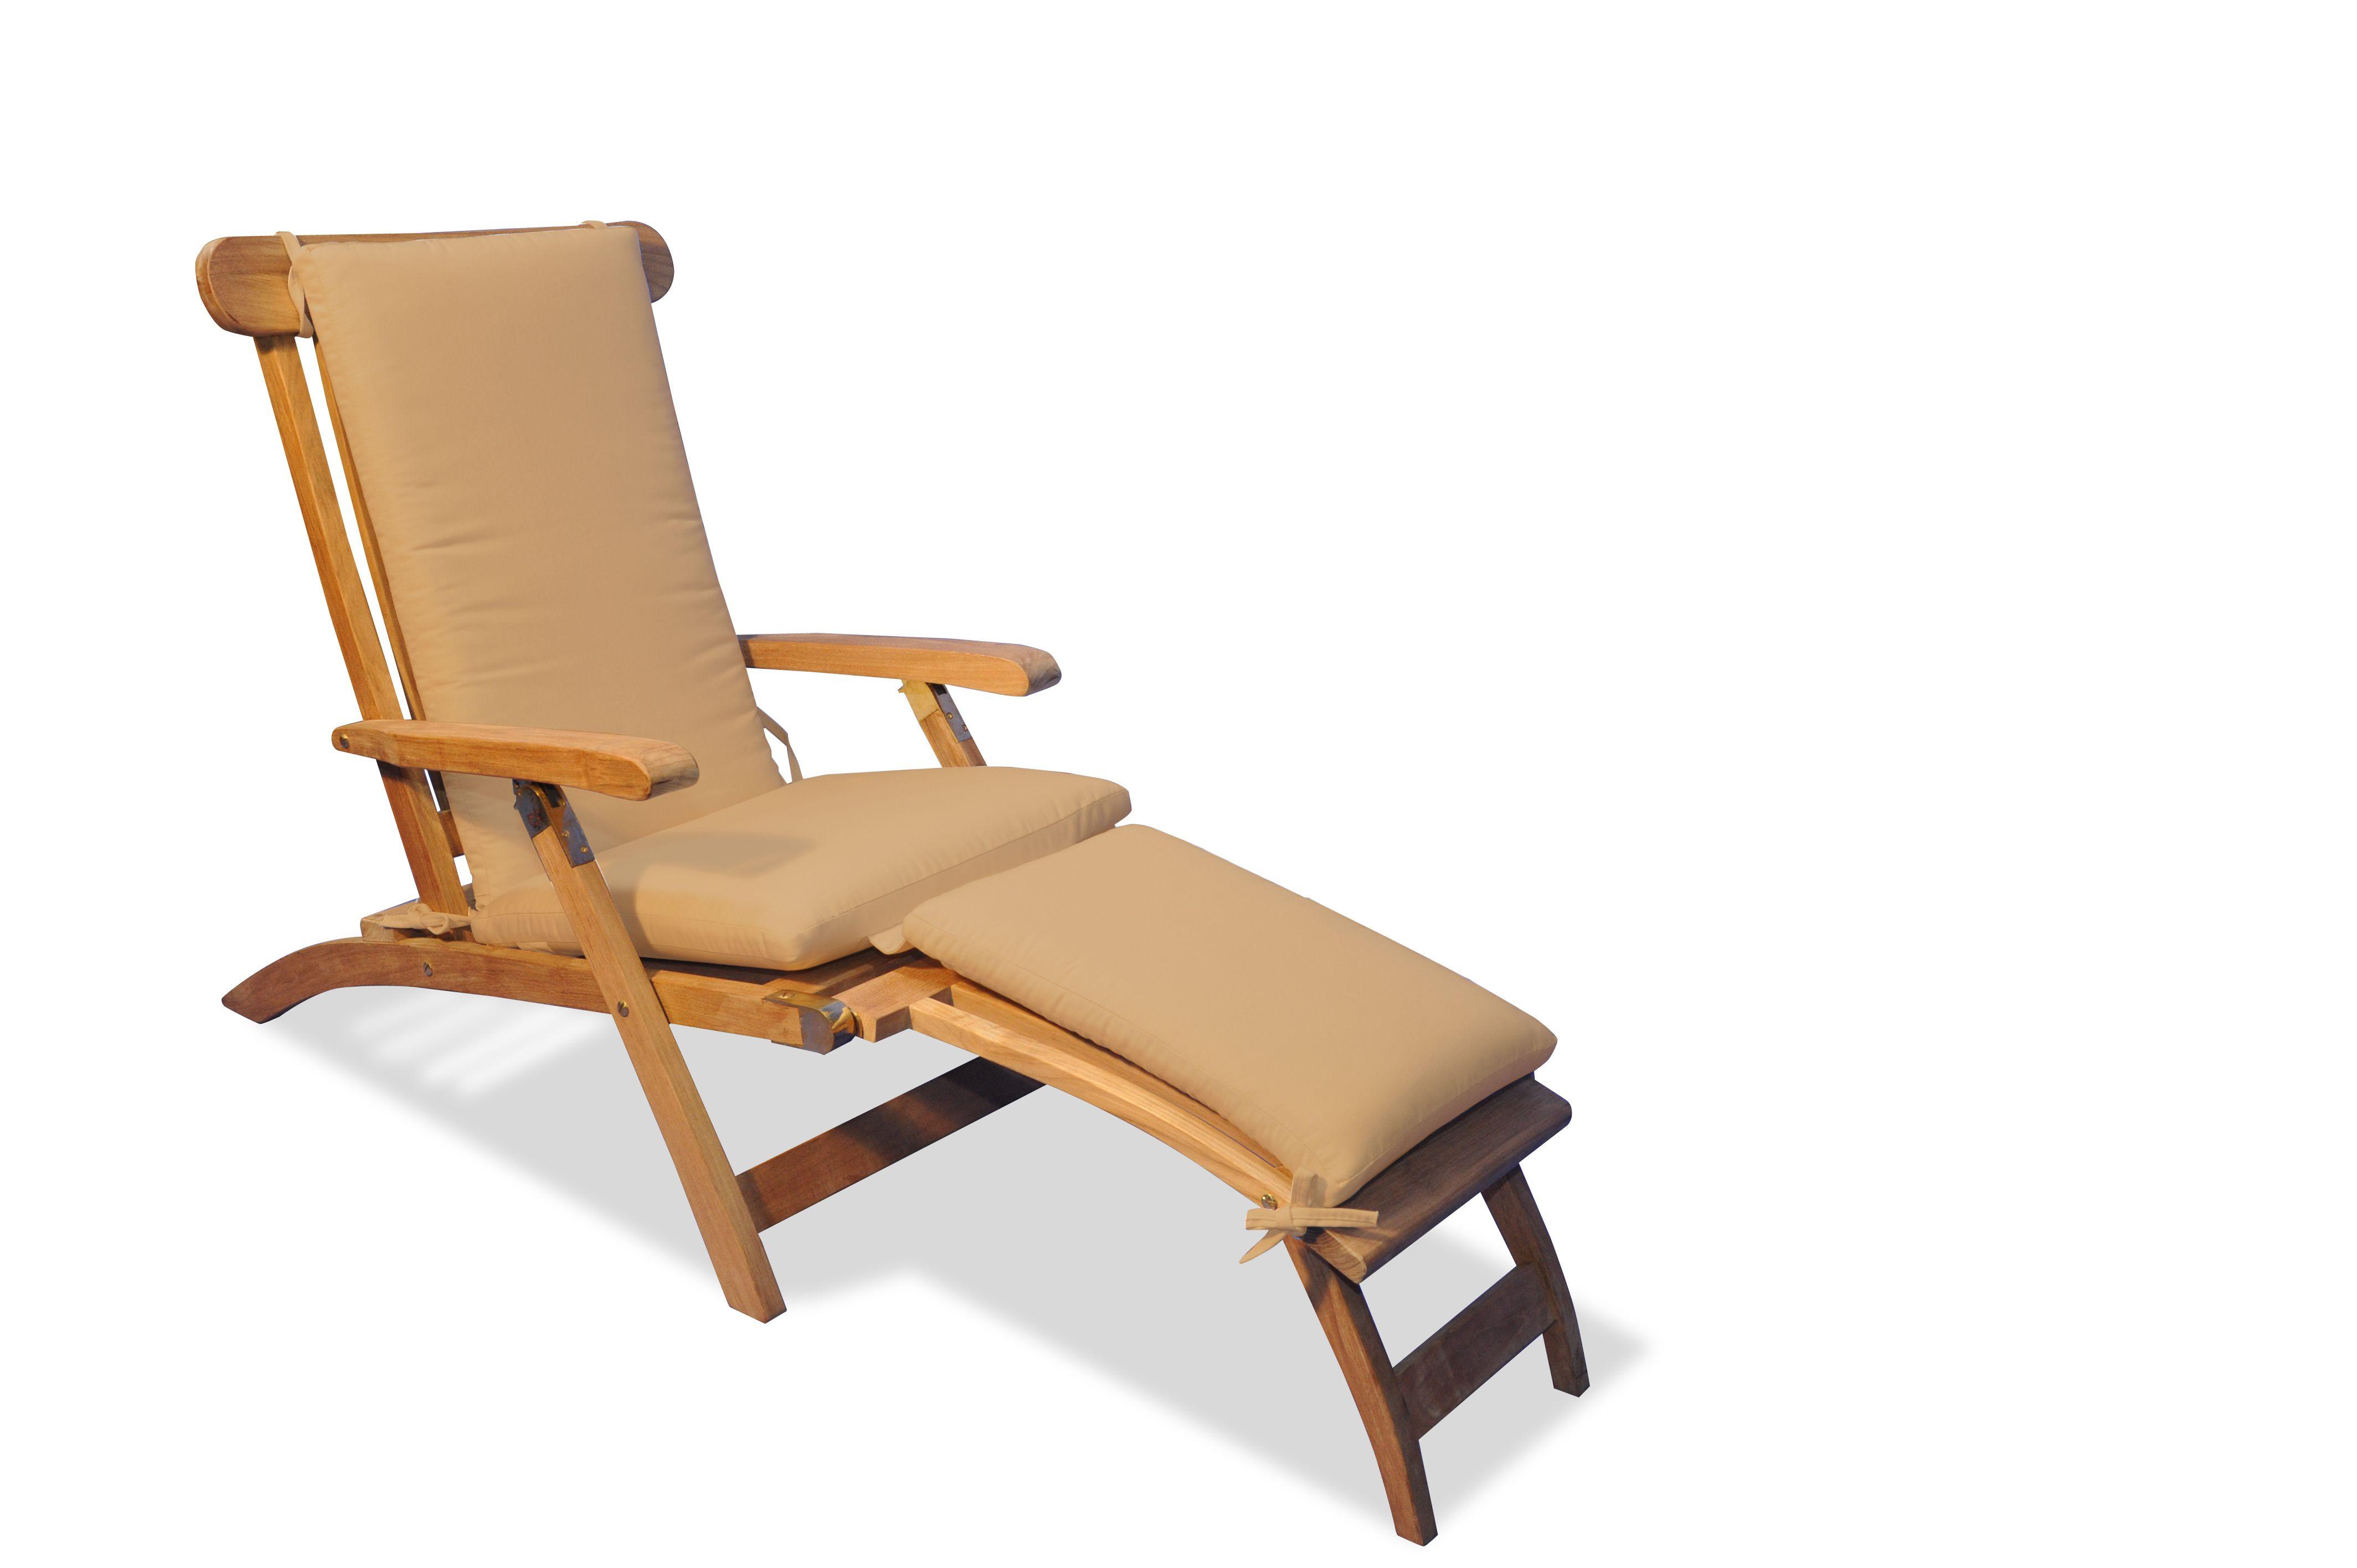 Teak Steamer Chair Chaise Lounge And Cushion Set Chair Teak